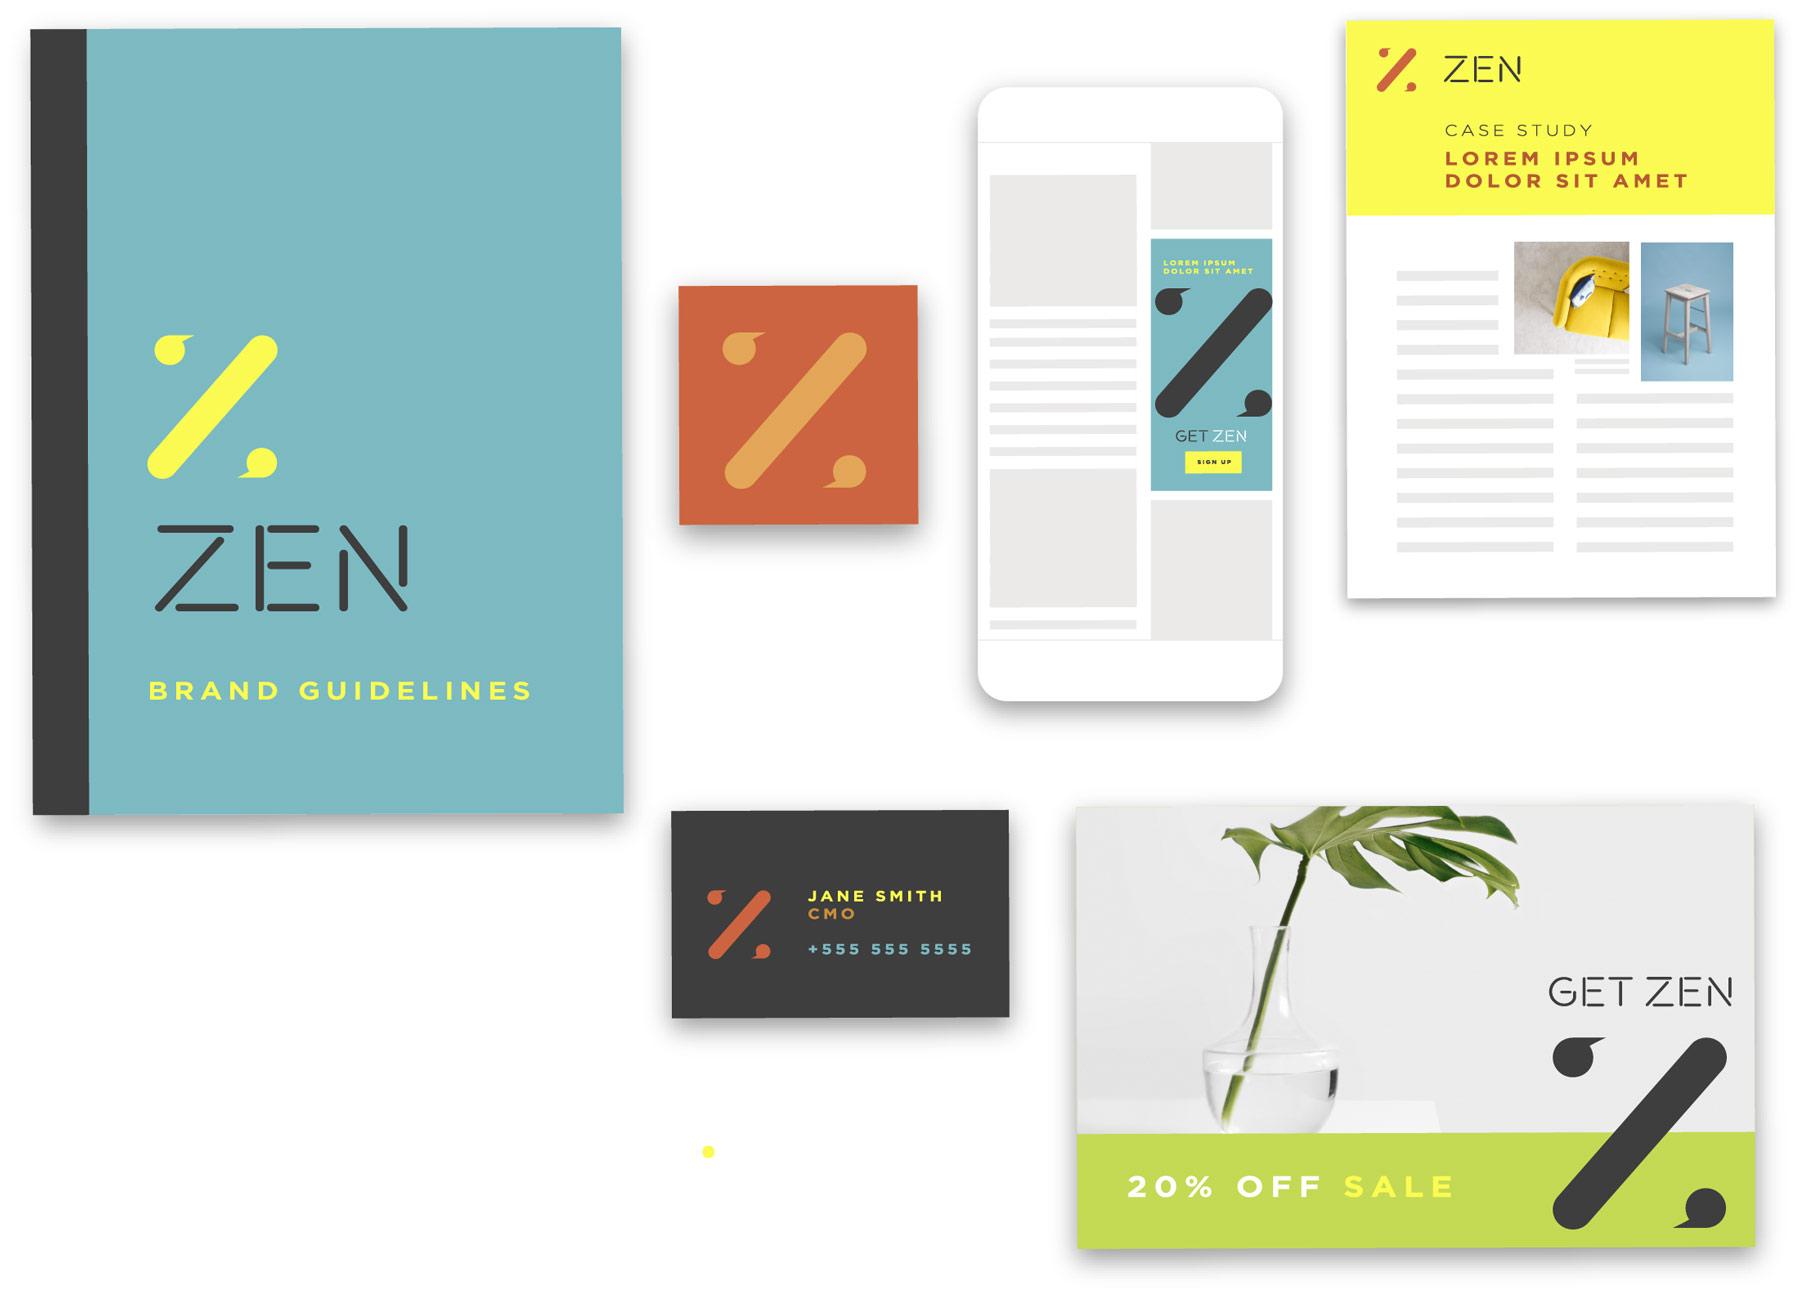 Zen example brand guidelines